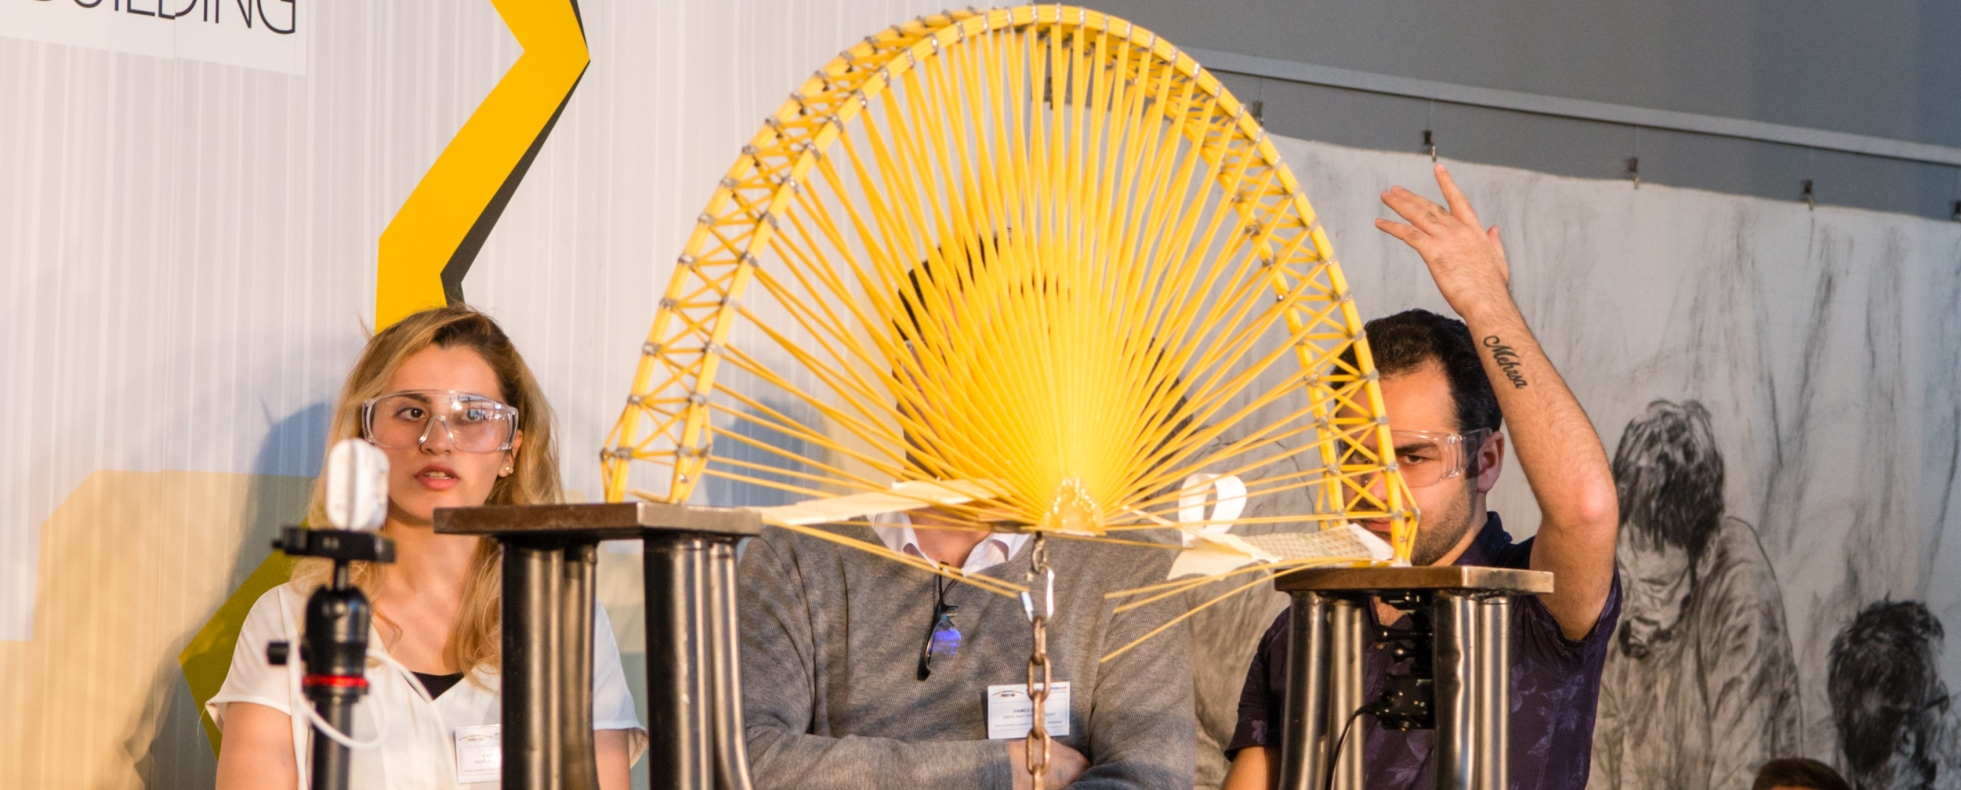 Csütörtökön rendezik a tésztahídépítő-világbajnokságot